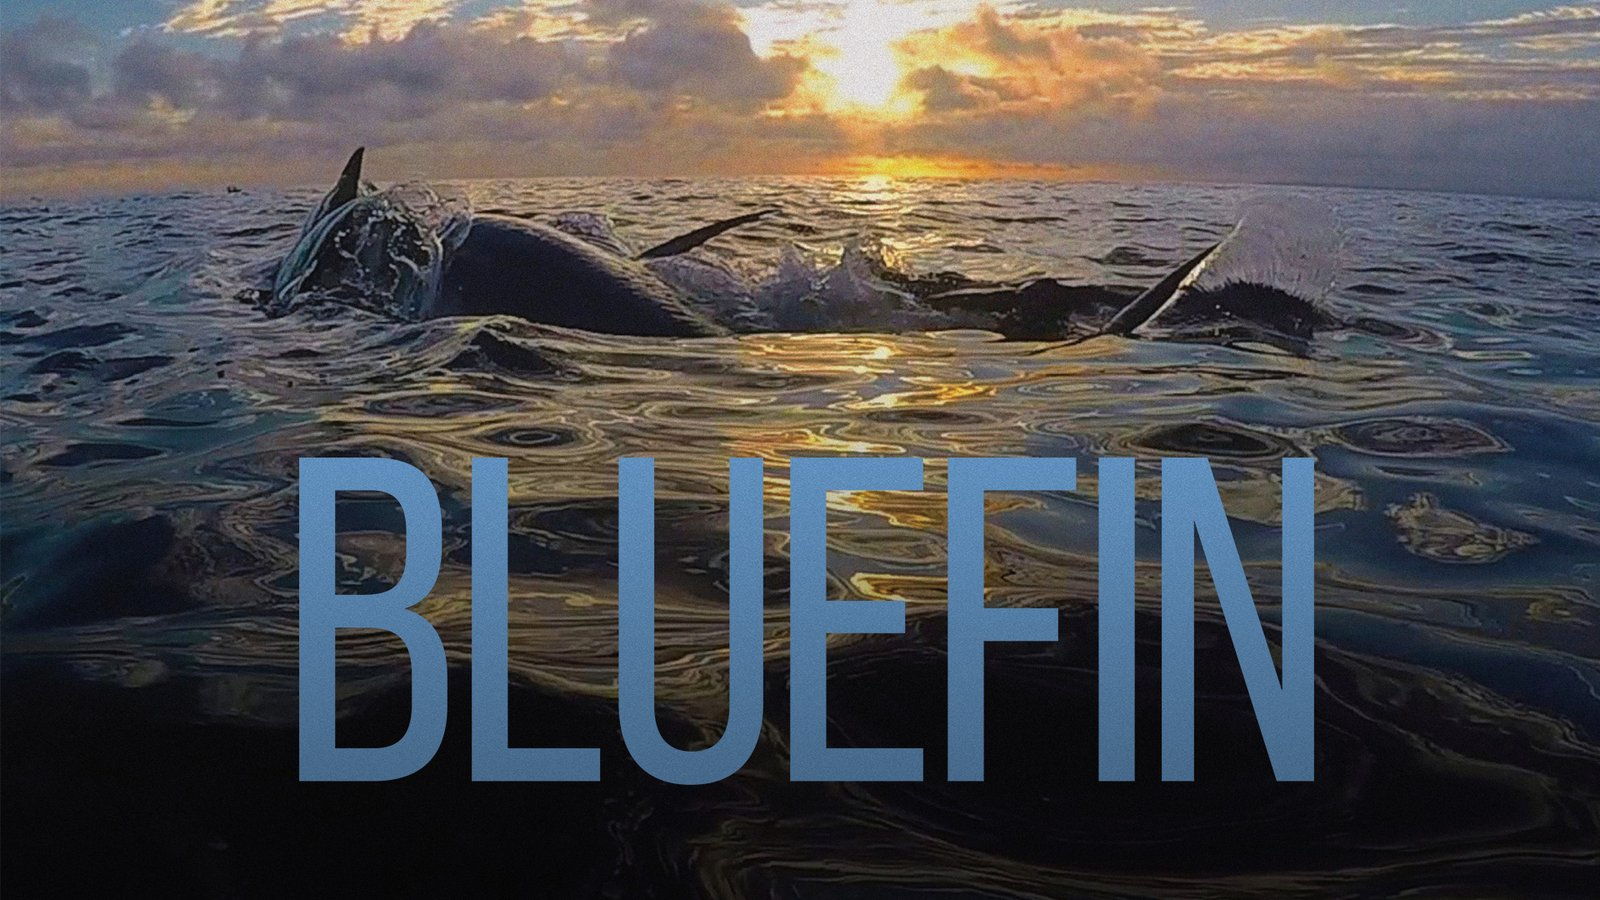 Bluefin - Investigating a Fish Phenomenon